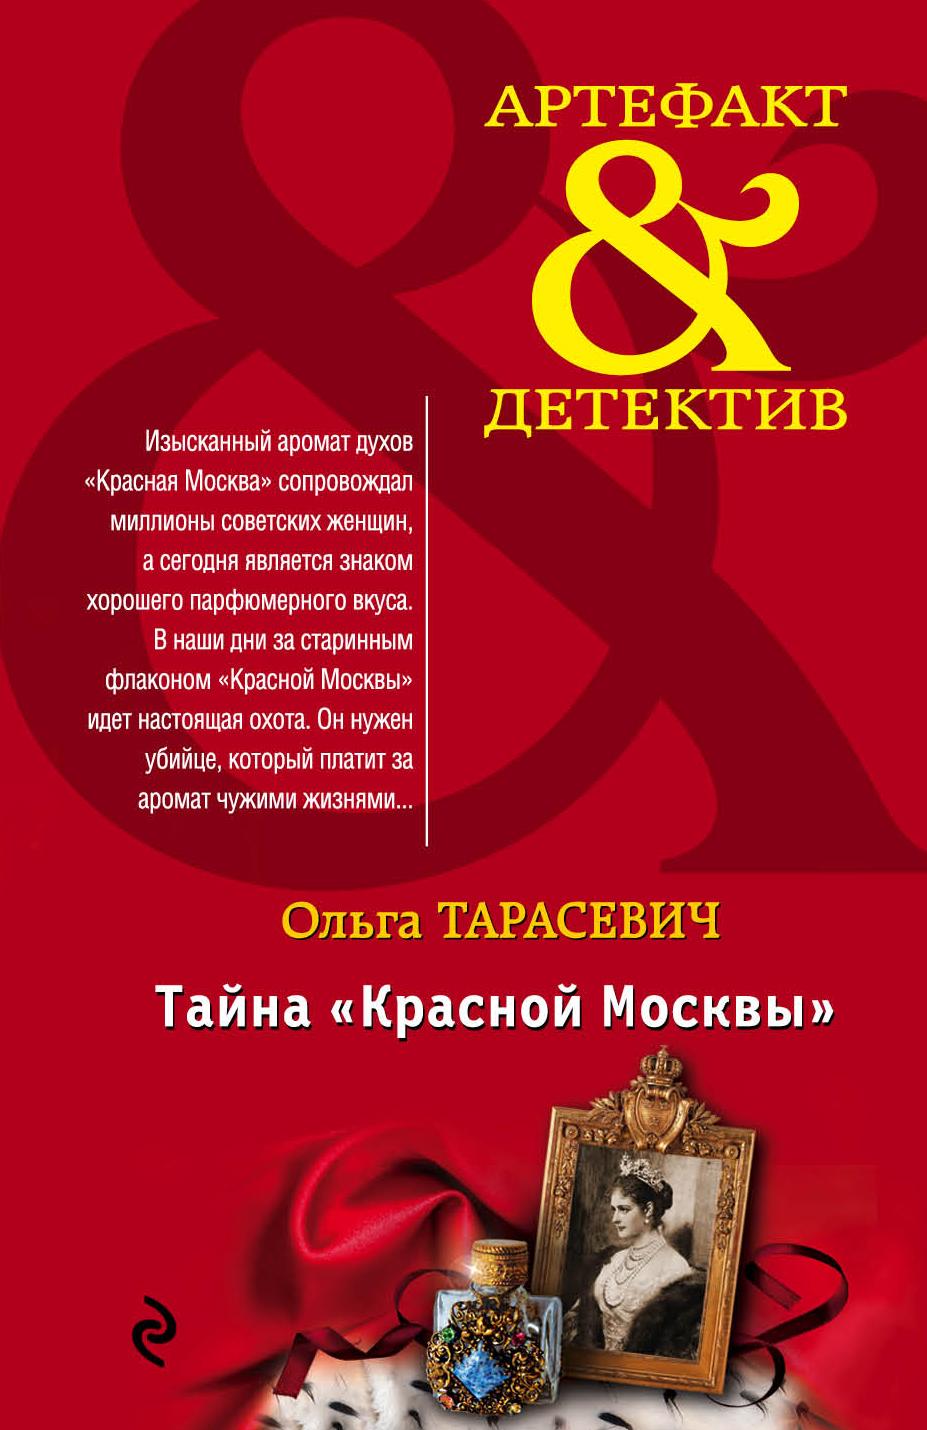 Тайна «Красной Москвы»